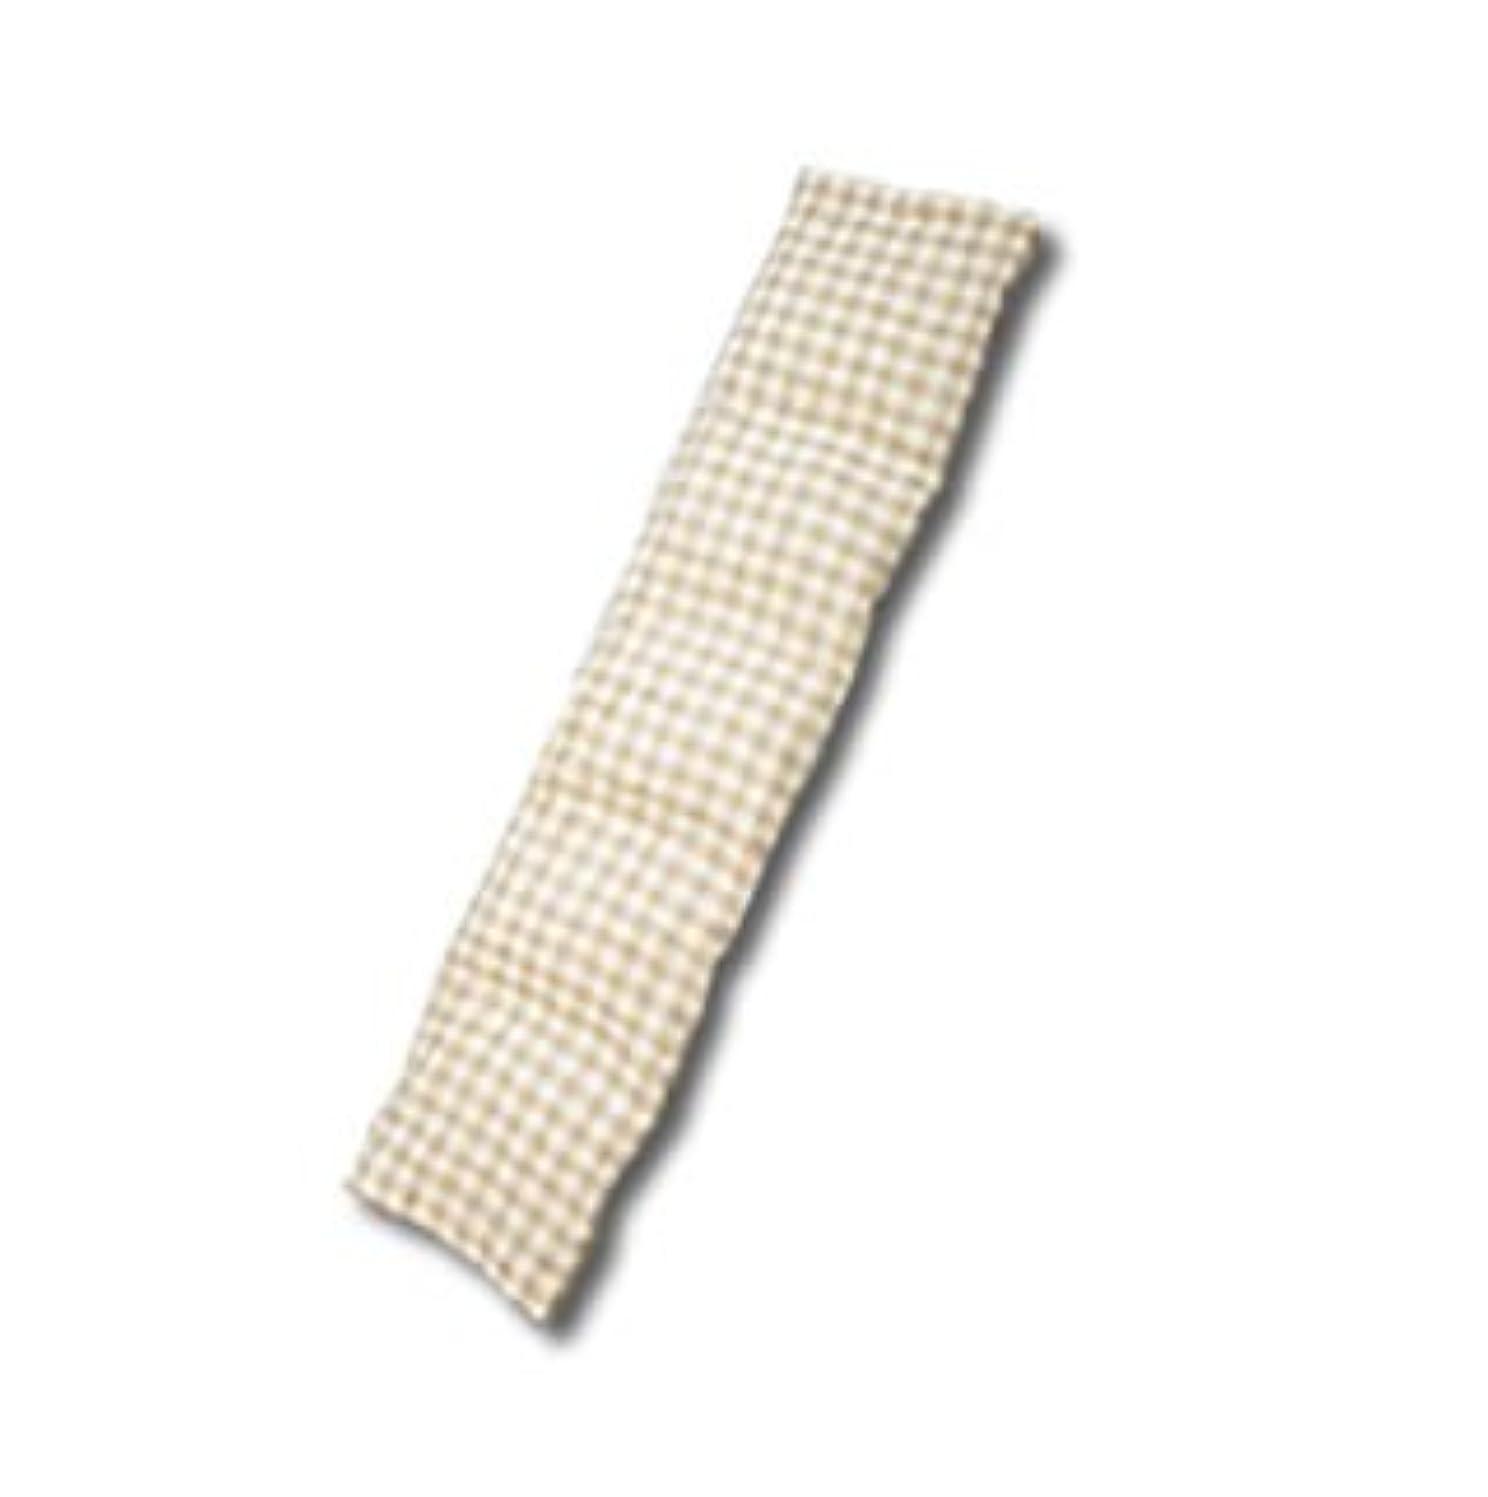 ニンニクめまい利益手作り温熱ハーブパット「よもごこち」 ロング 13cm×57cm